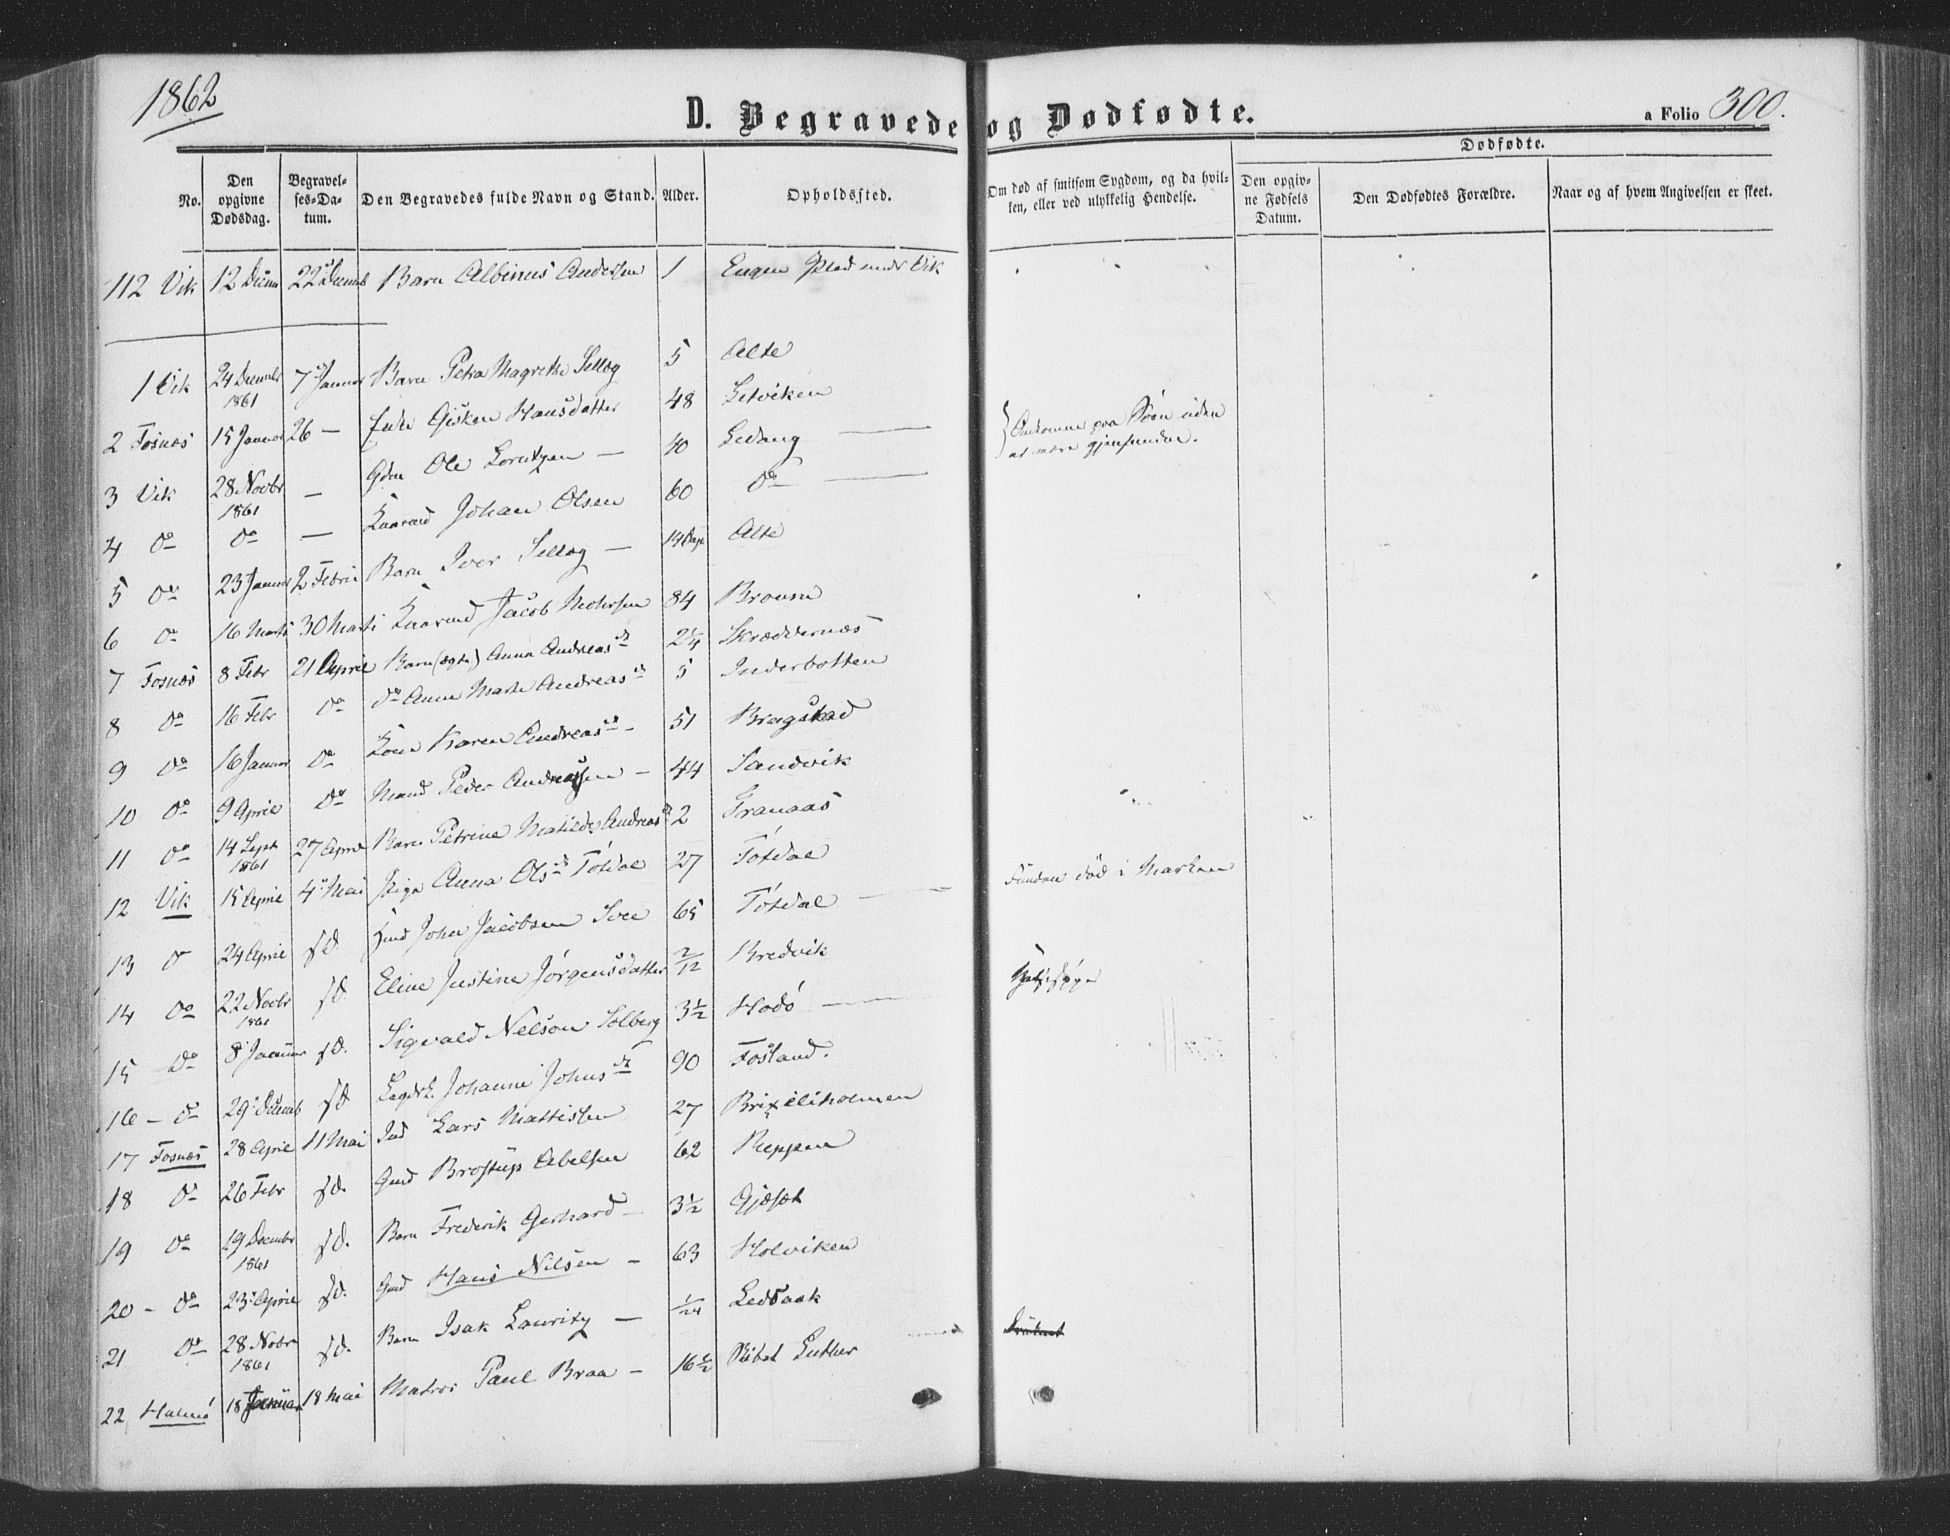 SAT, Ministerialprotokoller, klokkerbøker og fødselsregistre - Nord-Trøndelag, 773/L0615: Ministerialbok nr. 773A06, 1857-1870, s. 300